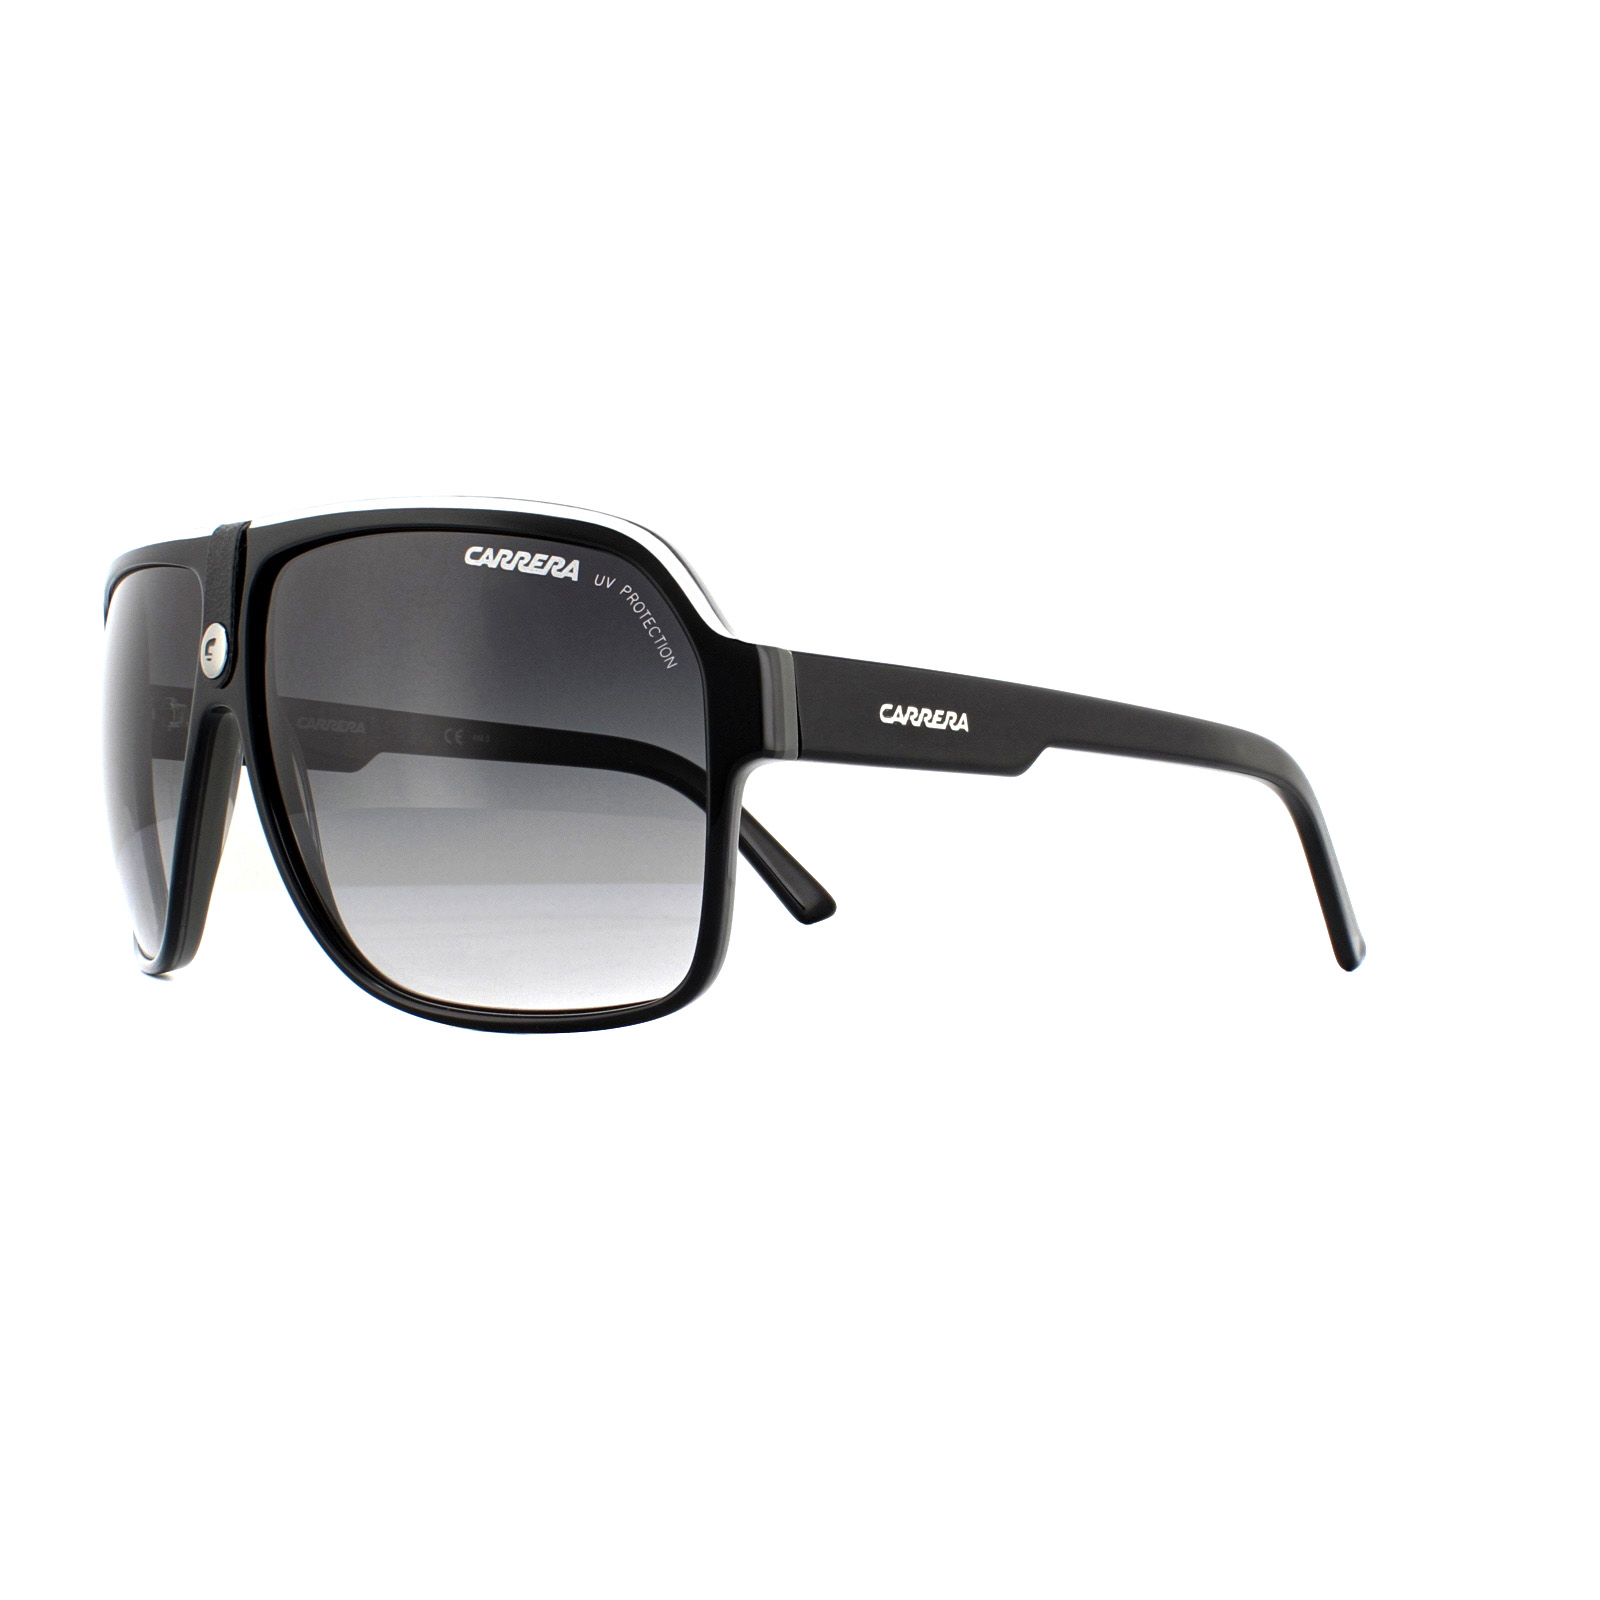 4c125f3d4d Carrera Gafas de Sol Carrera 33 8v6 9o Blanco y Negro Gris Degradado ...